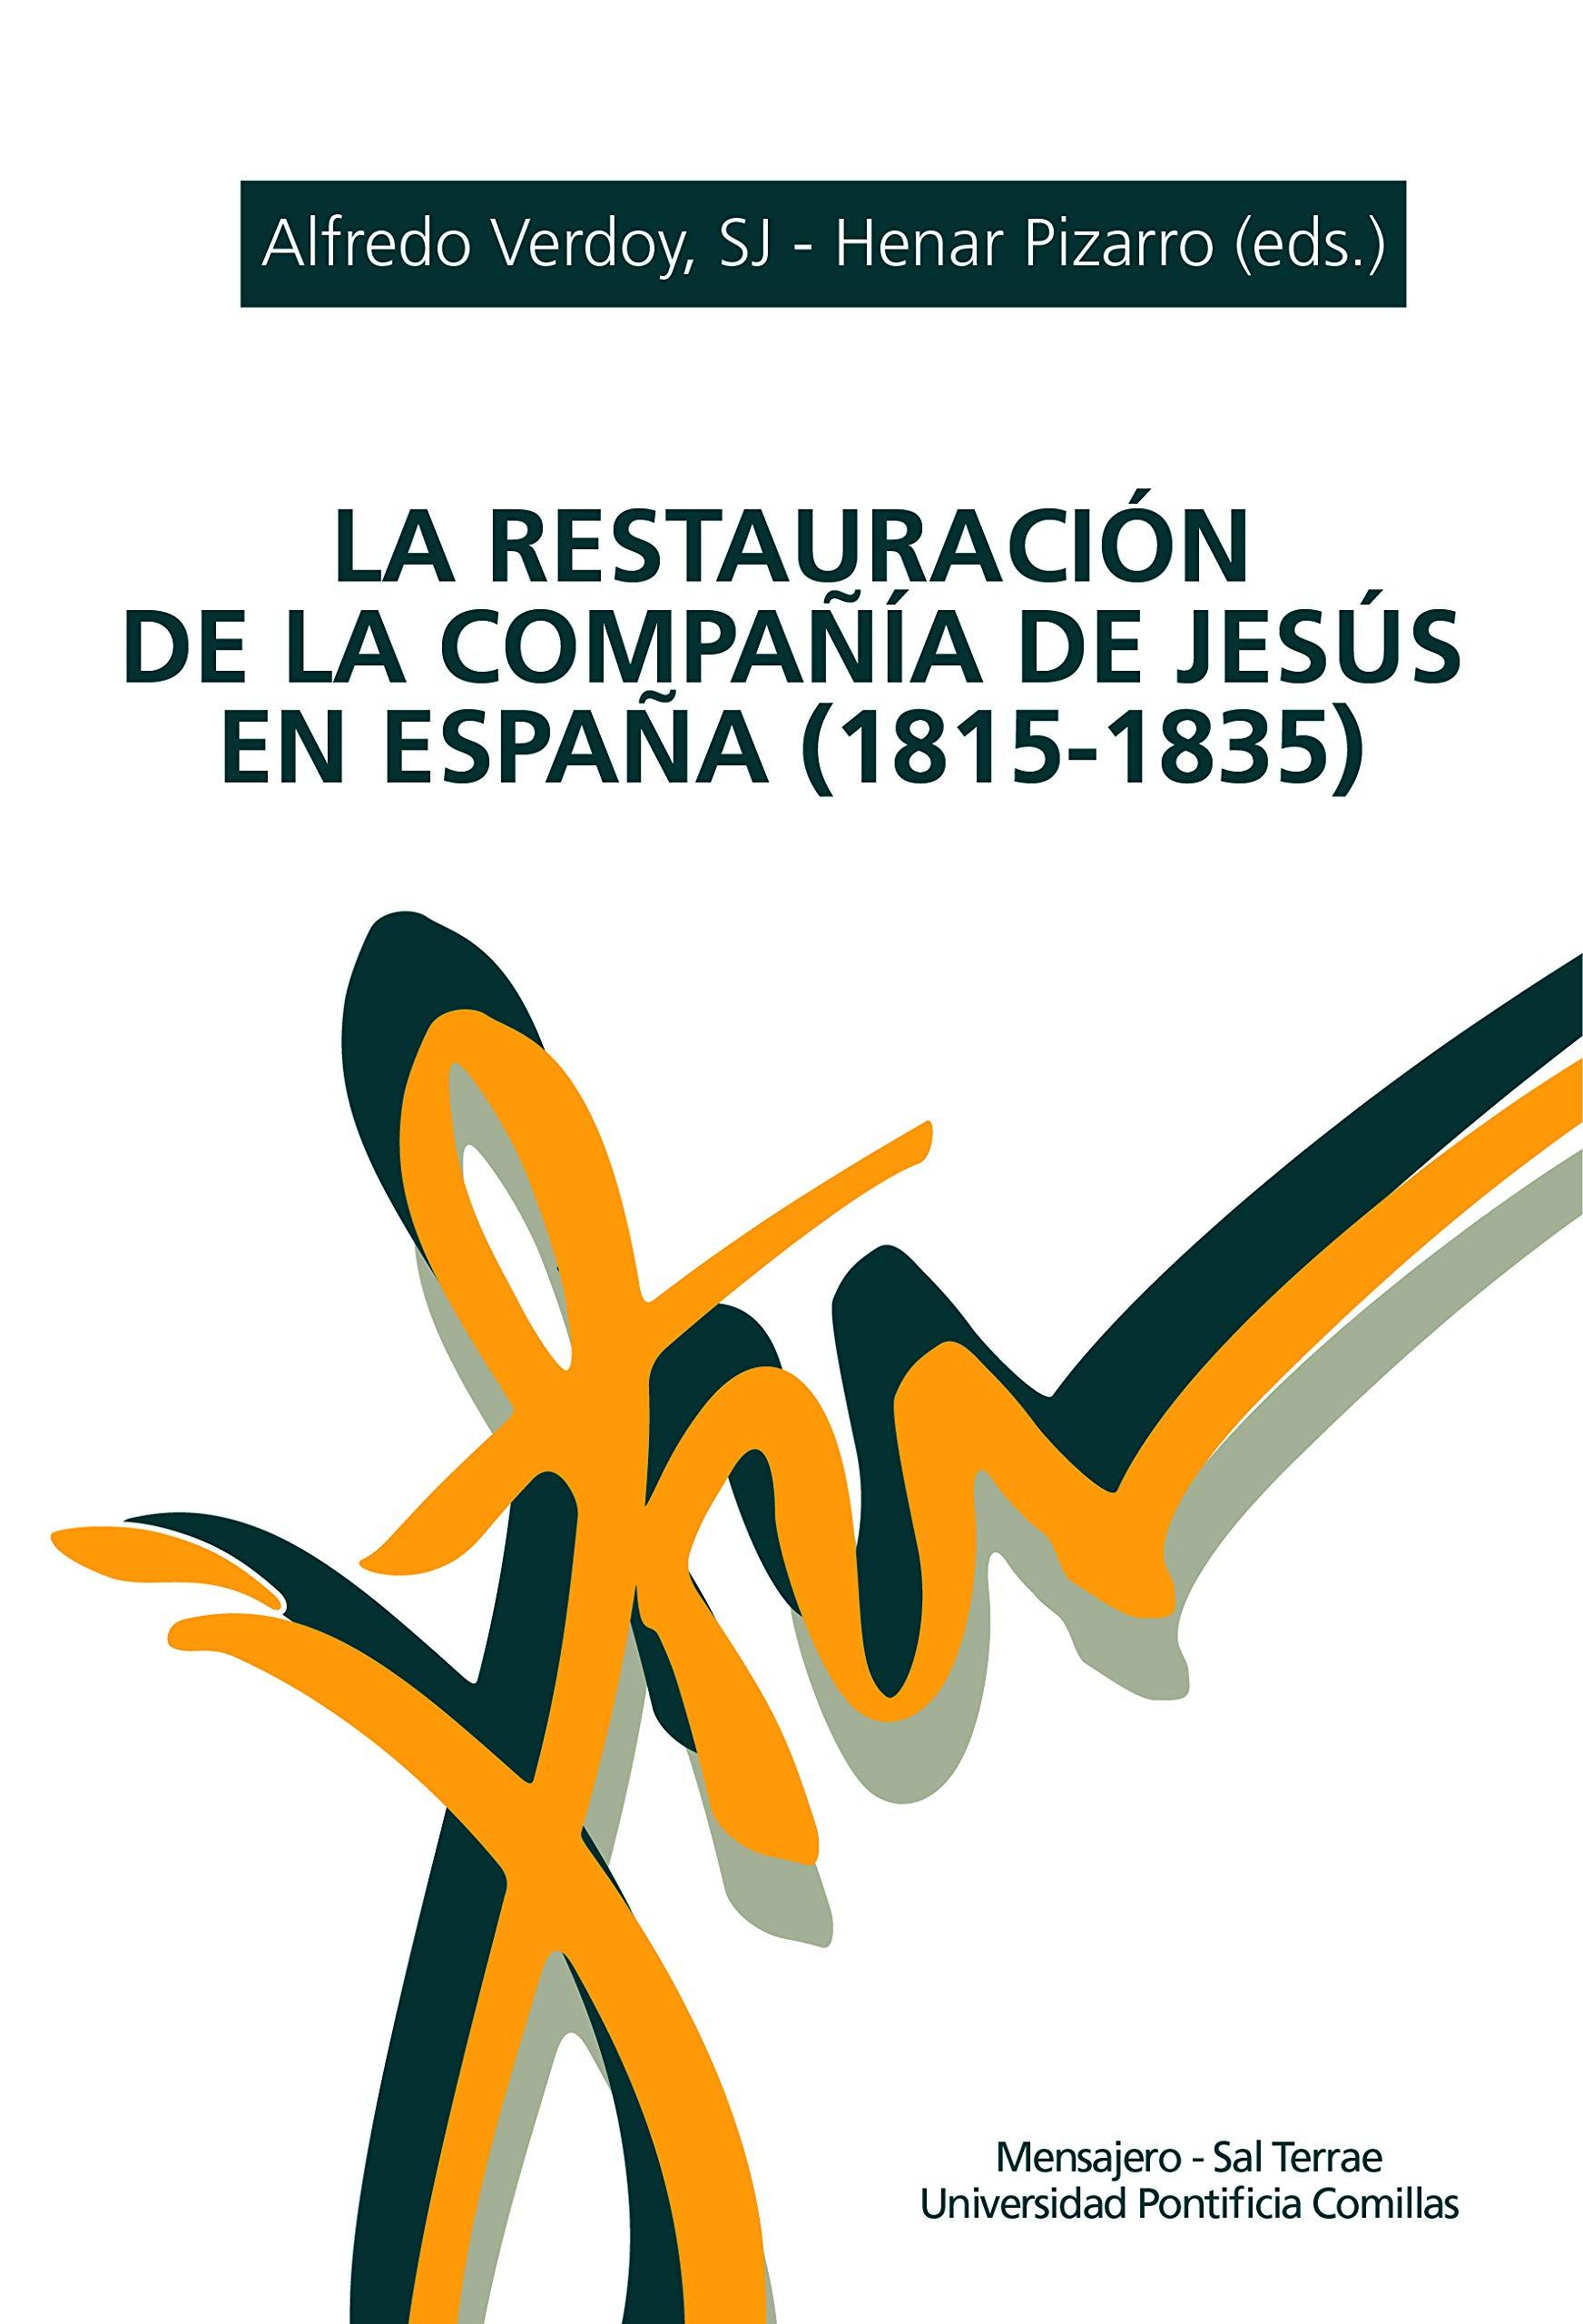 La Restauración De La Compañía De Jesús en España 1815-1835 . Antecedentes y desarrollo.: Amazon.es: Henar Pizarro - Alfredo Verdoy, Sj: Libros